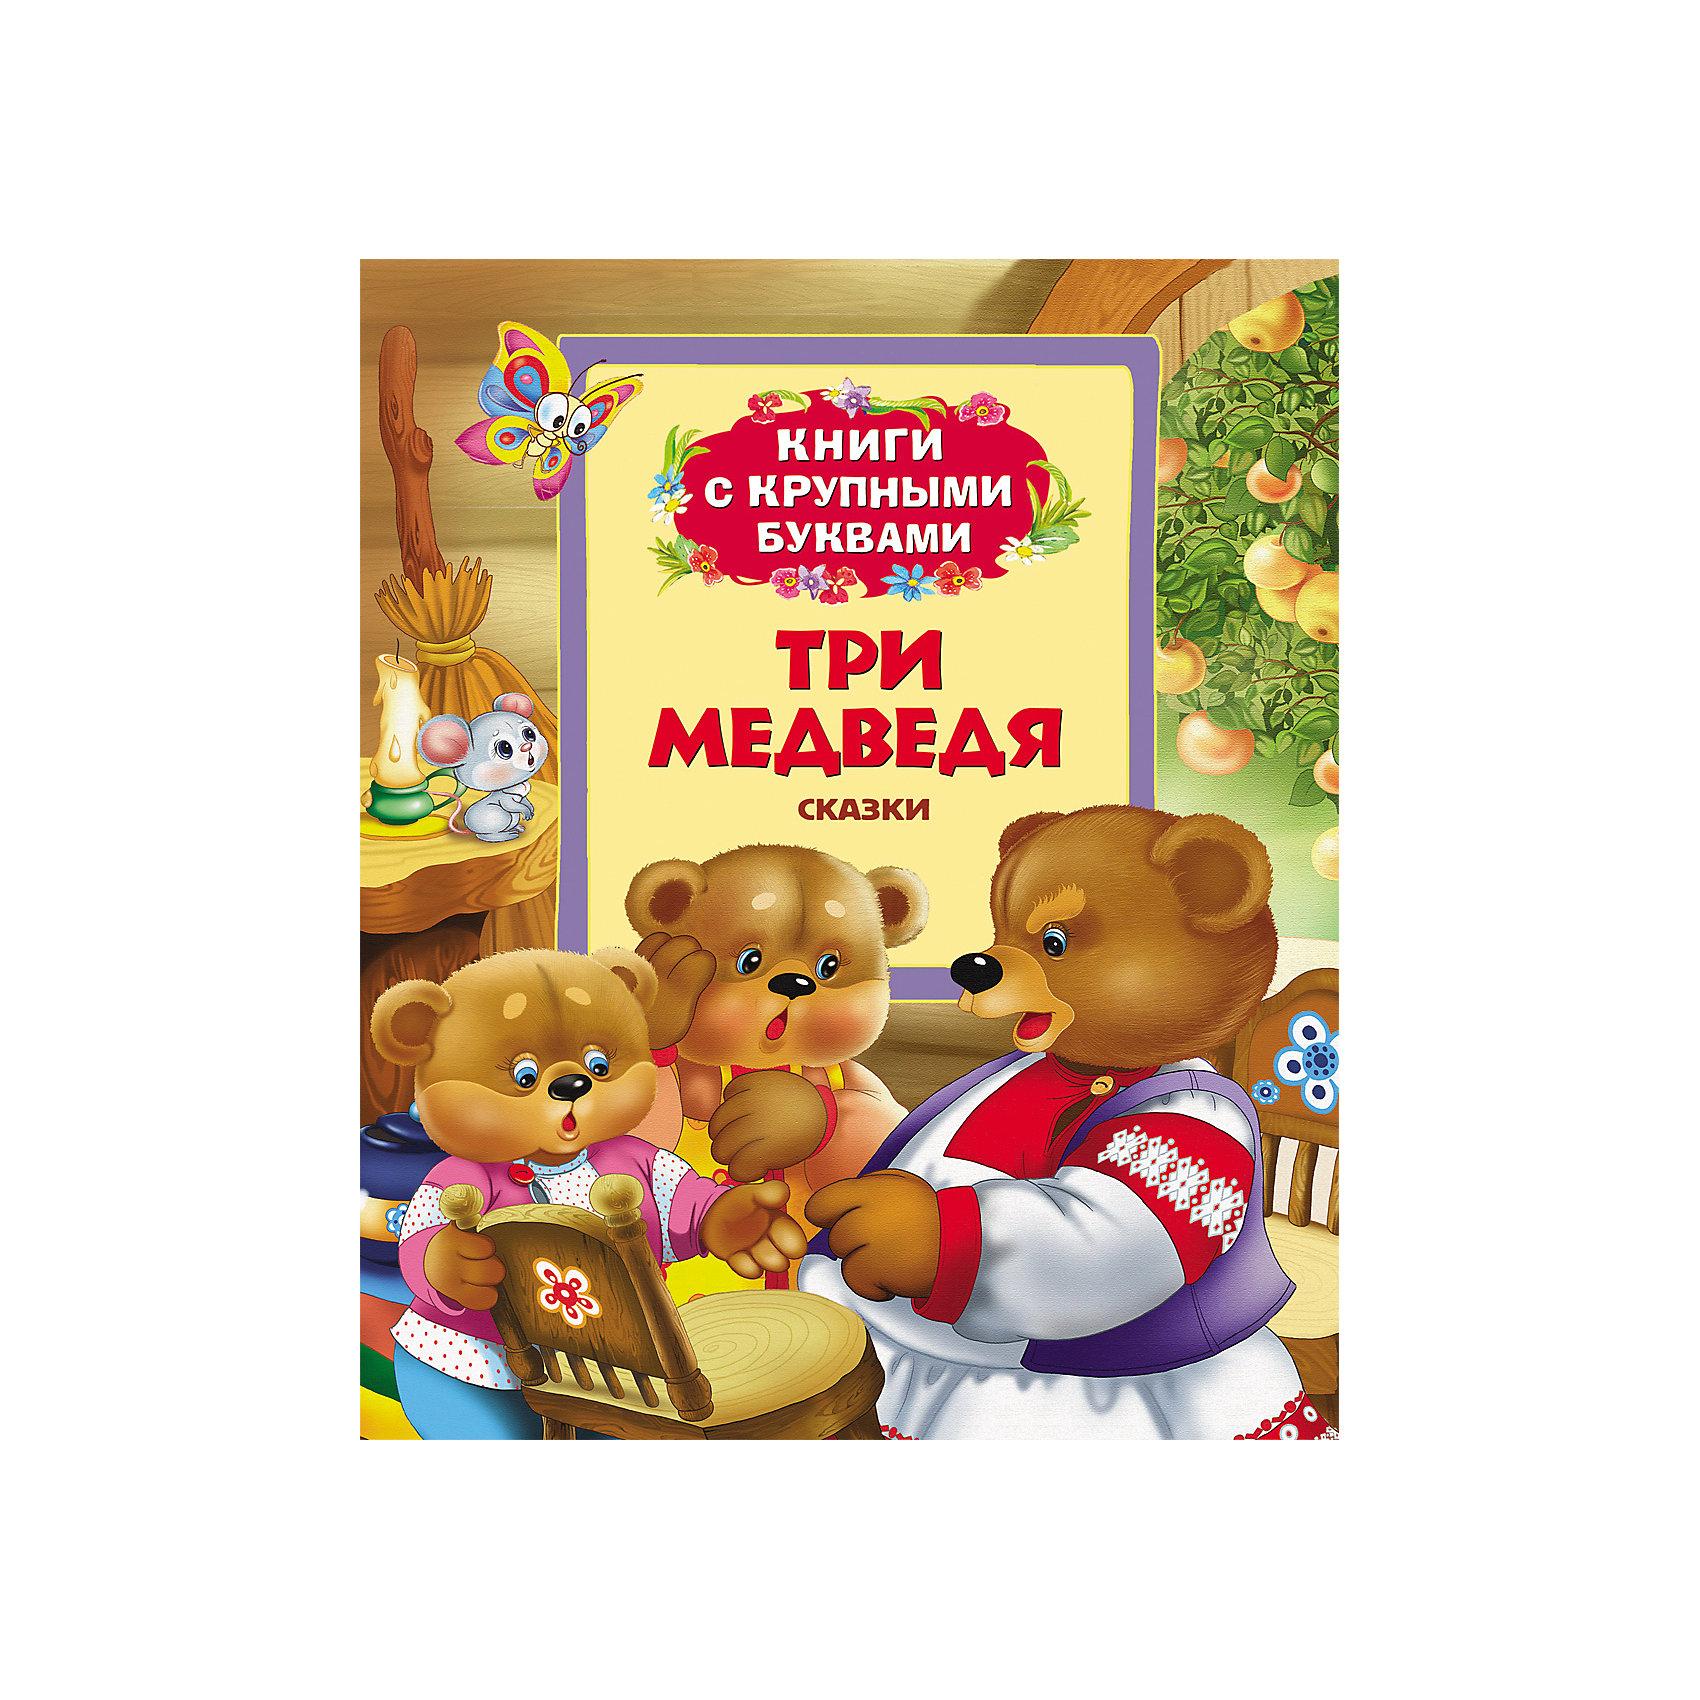 Росмэн Книга с крупными буквами Три медведя три медведя три медведя кофточка happy animals молочная с мишкой